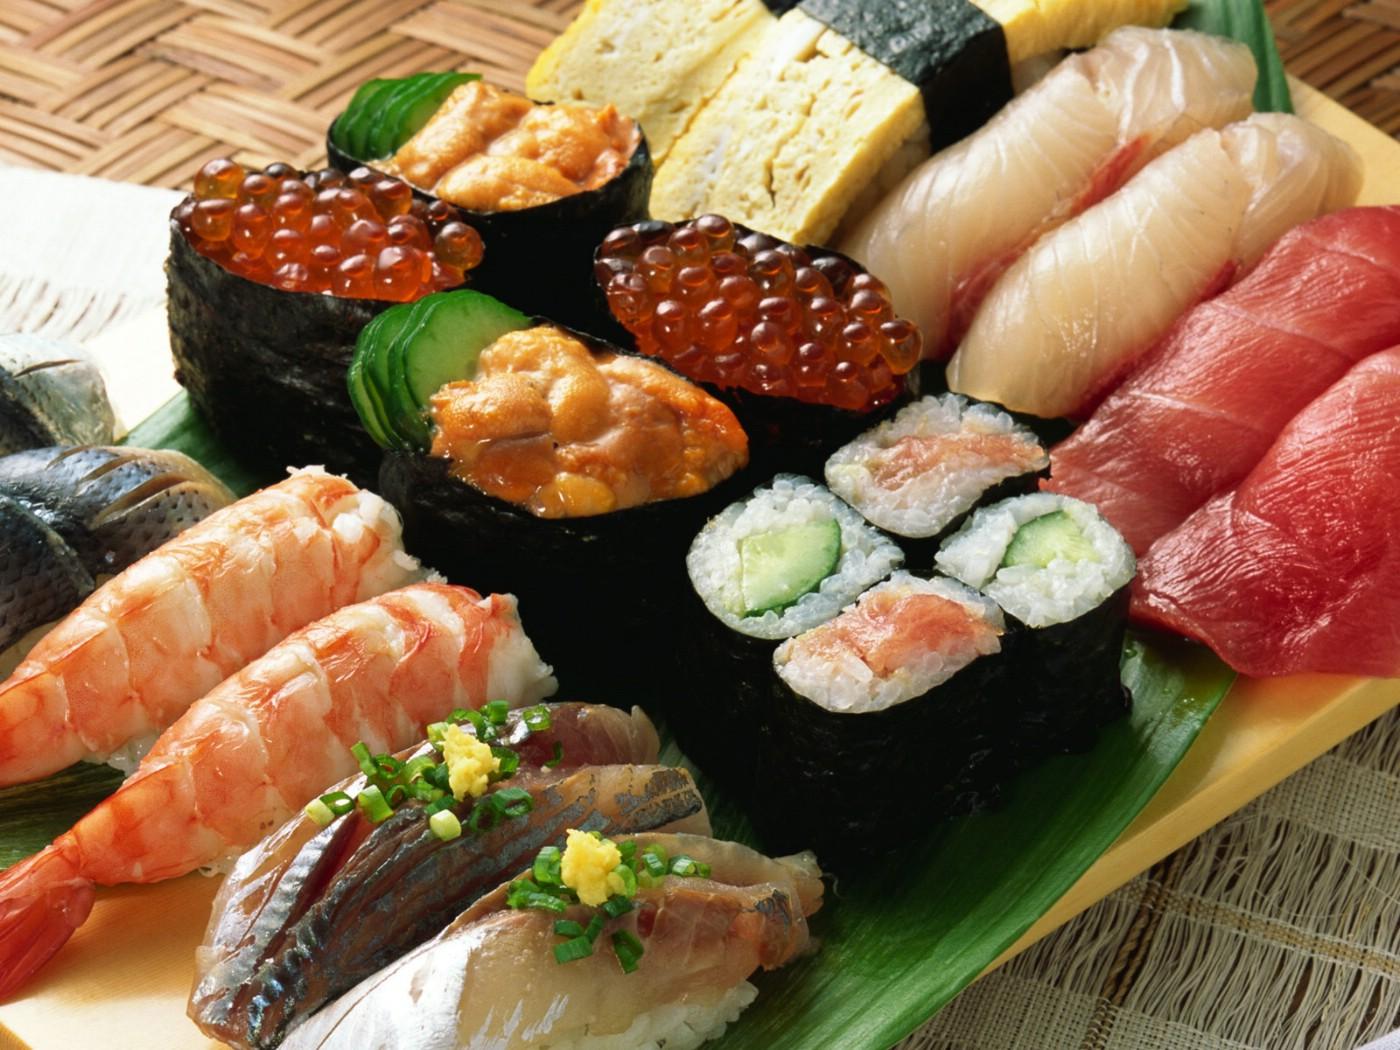 壁纸1400×1050海鲜美食 2 18壁纸 海鲜美食壁纸图片美食壁纸美食图片素材桌面壁纸